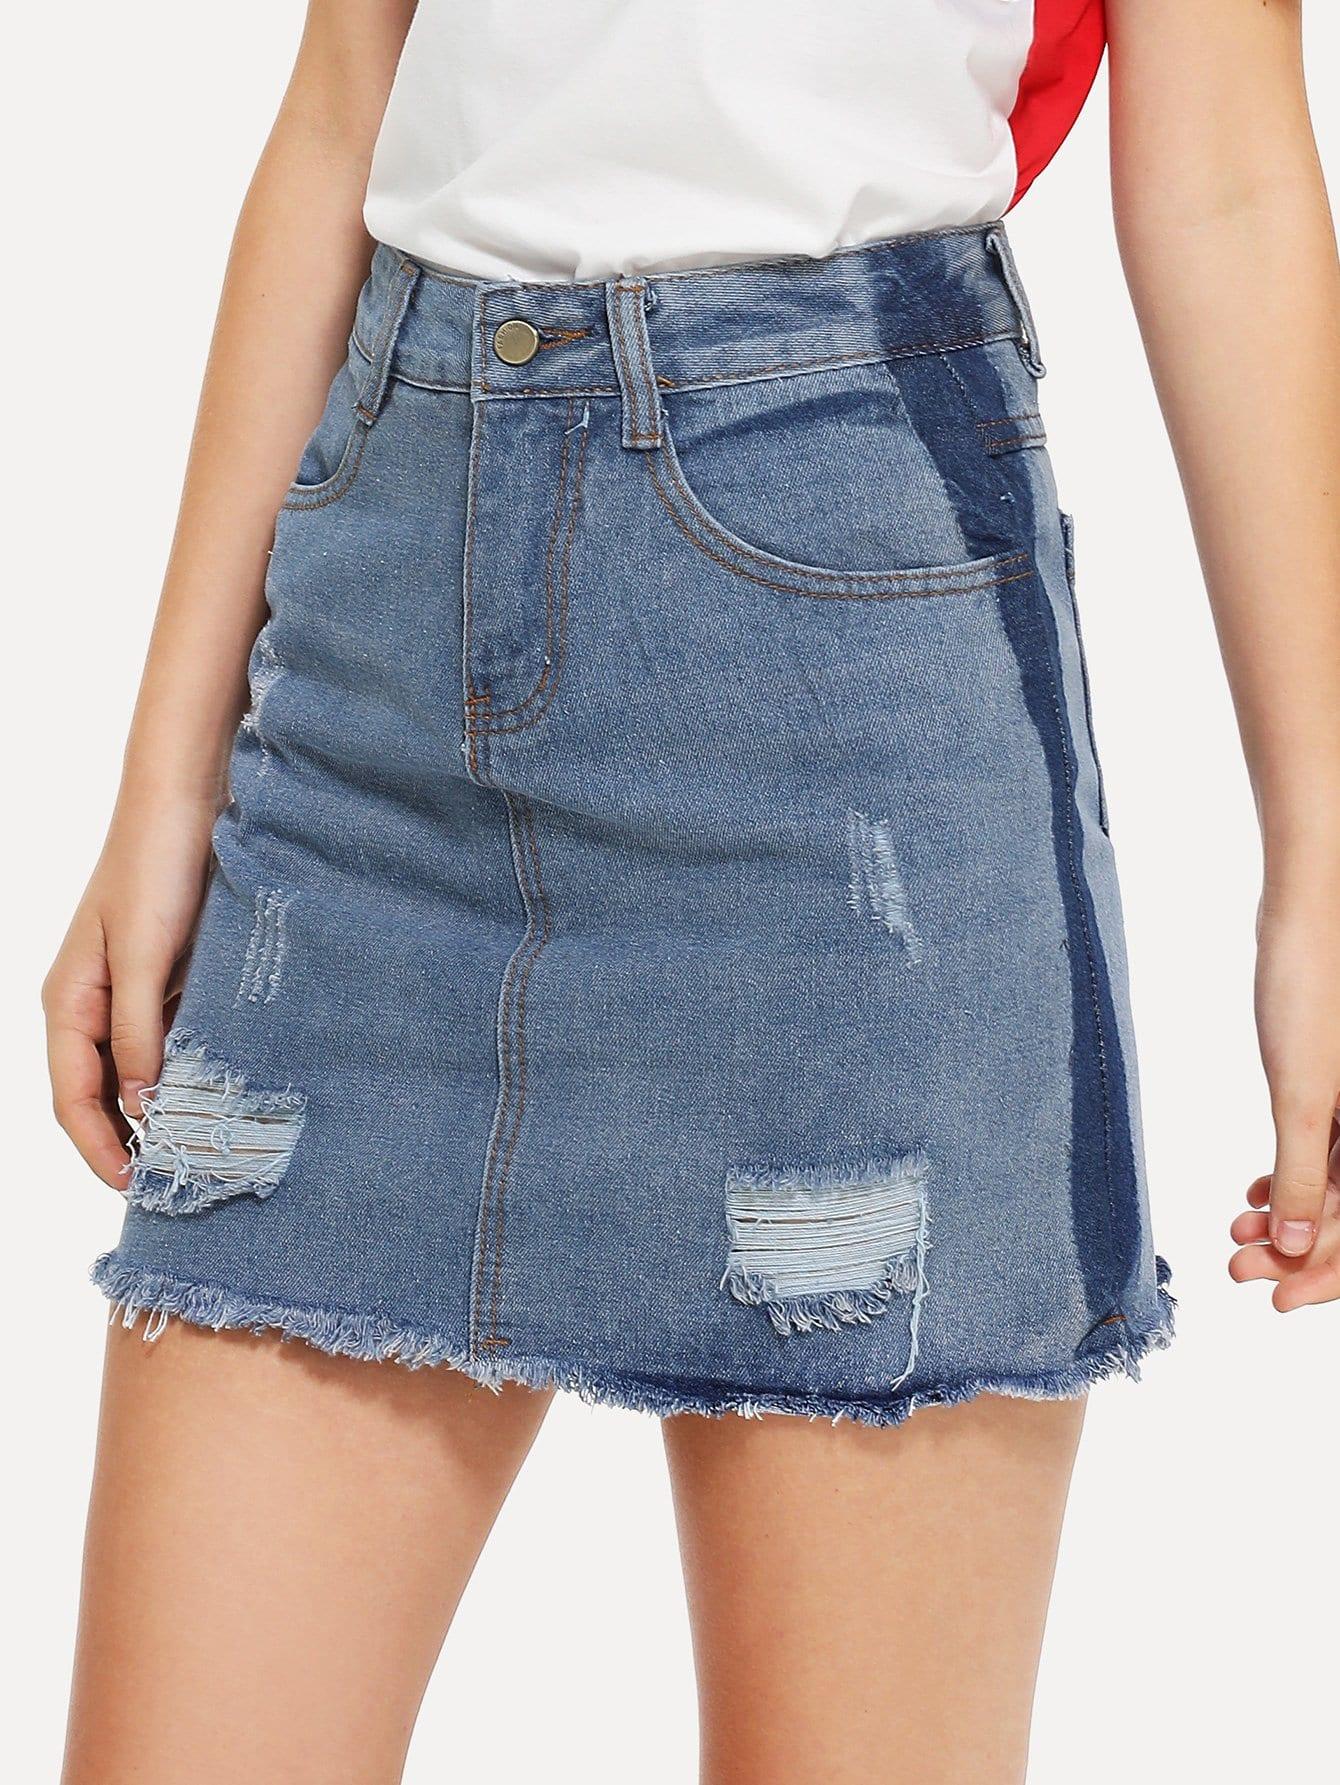 Купить Кружевная джинсовая юбка с необработанным краем, Teresa, SheIn